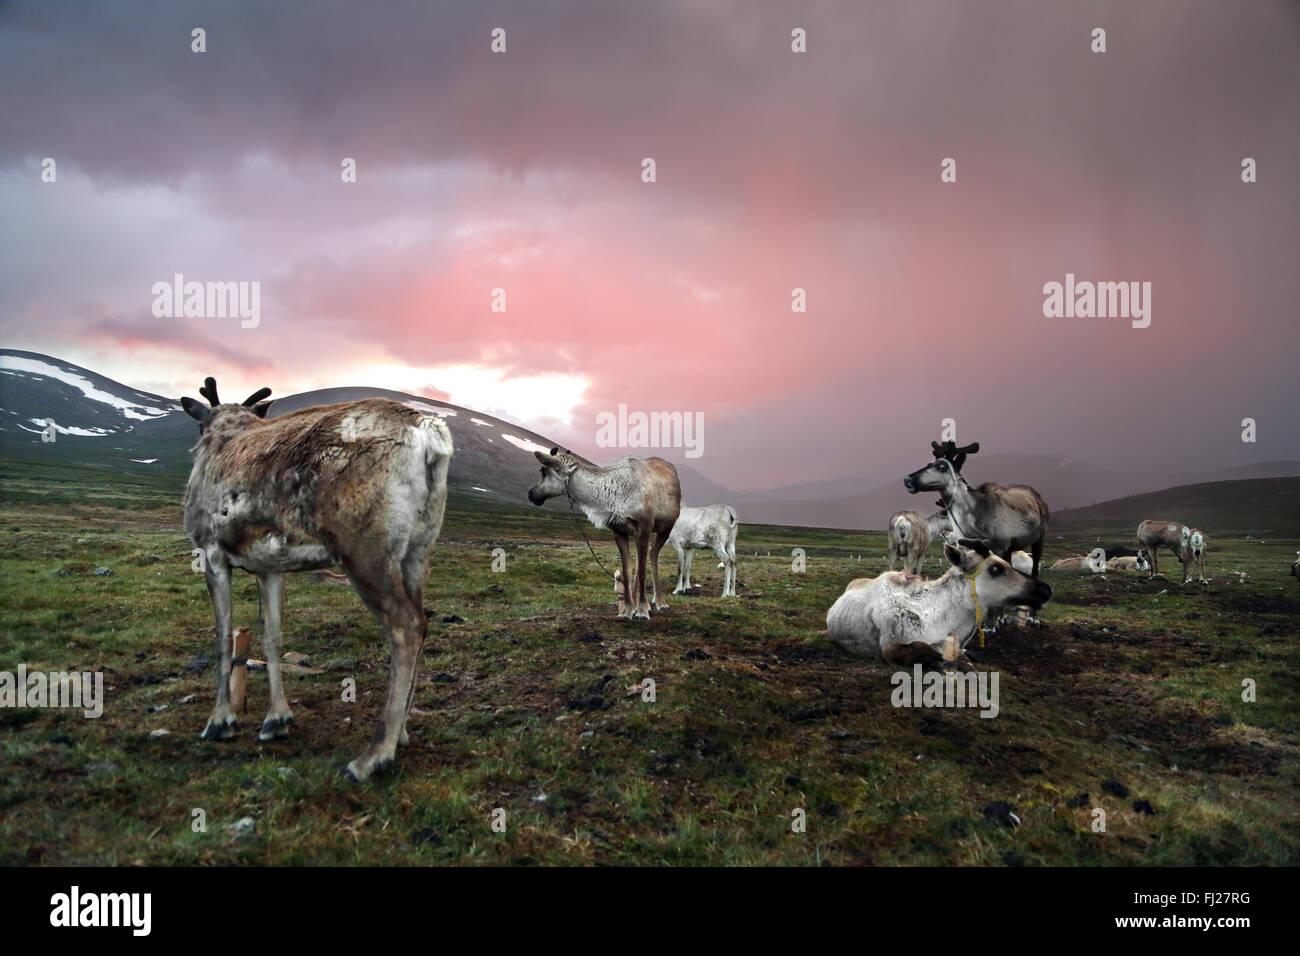 Mongolia Tsaatan nomads - persone di renne - tribù - le persone che vivono con le renne in Asia centrale Immagini Stock